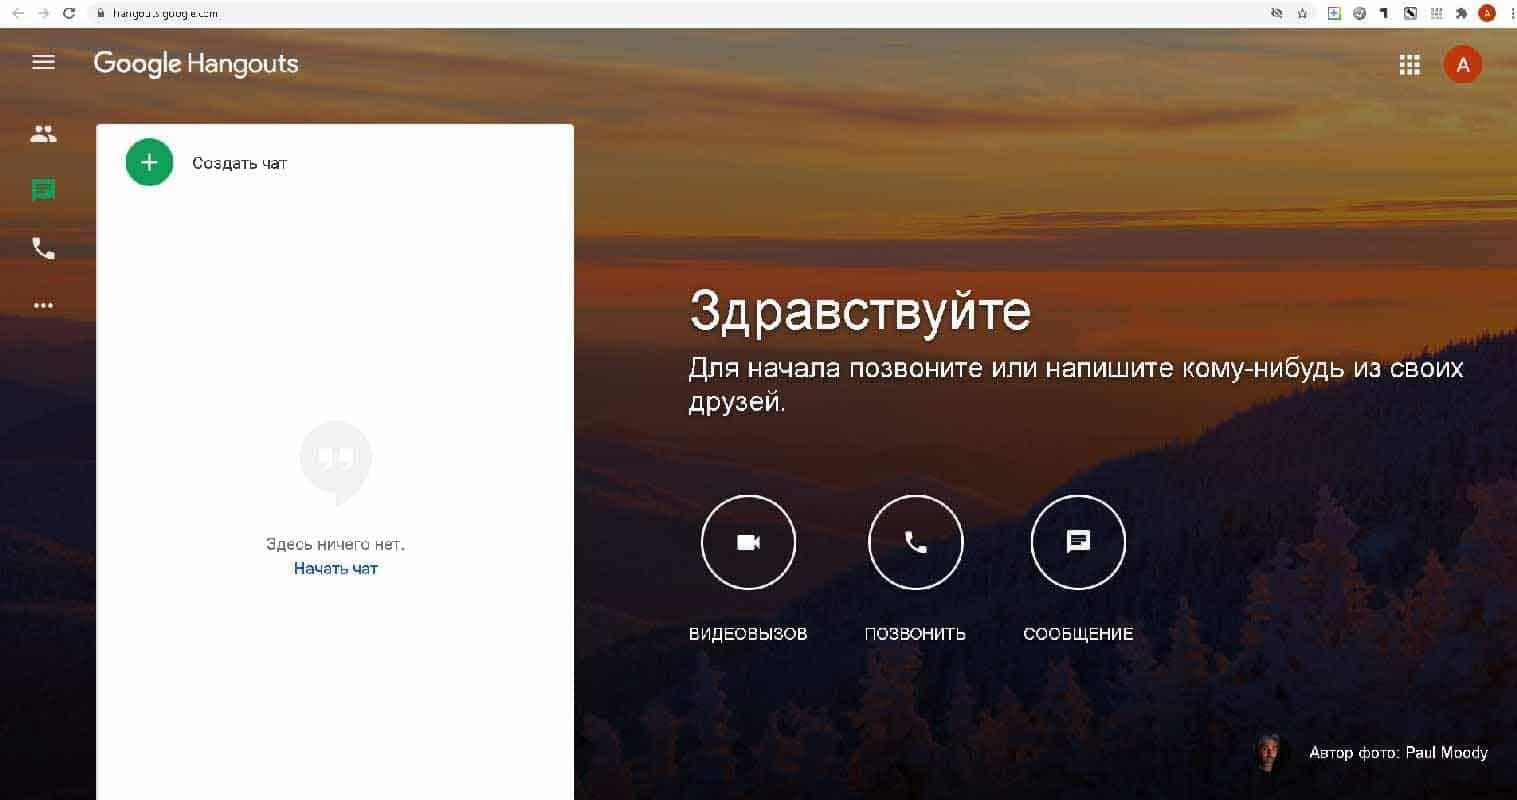 Бесплатные видеоконференции онлайн от Google Hangouts